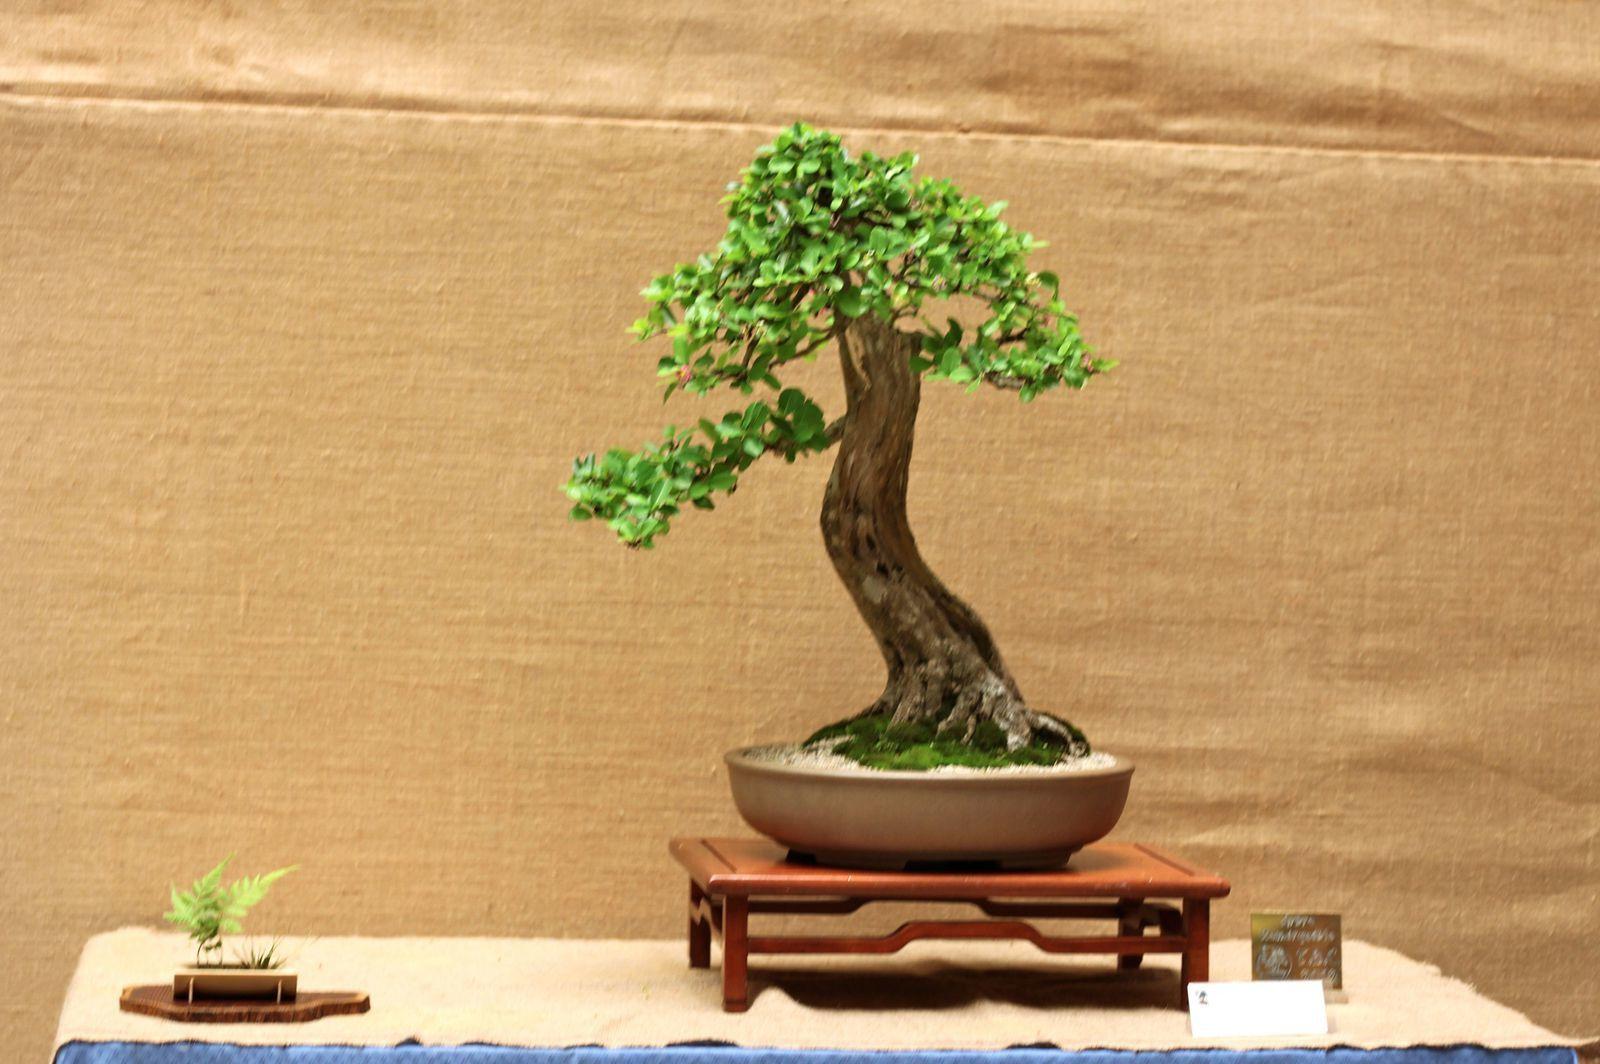 Arbre remarquable 2012, cerisier pays ( Malpighia Punicifolia) , droit informel (moyogi), 2004, à Juliette RETOUR